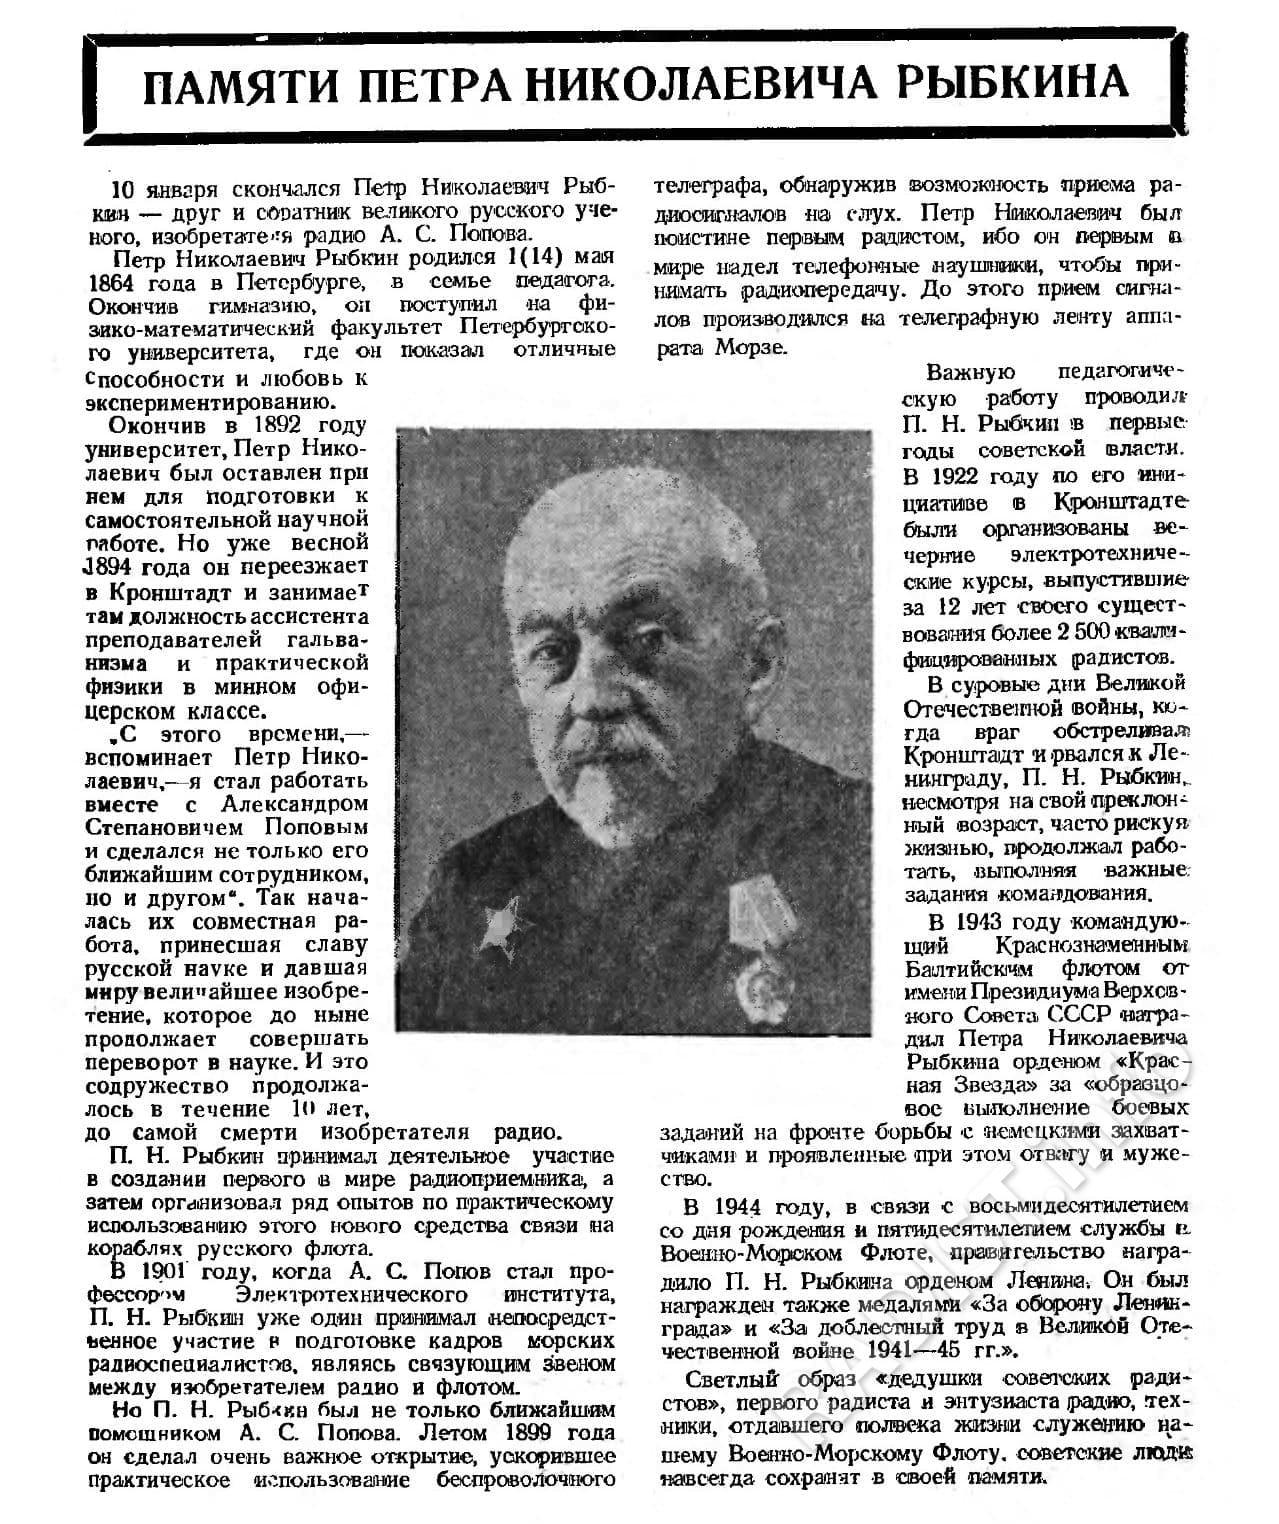 Статья в память о П.Н. Рыбкине в журнале «Радио», выпуск январь 1948 г.